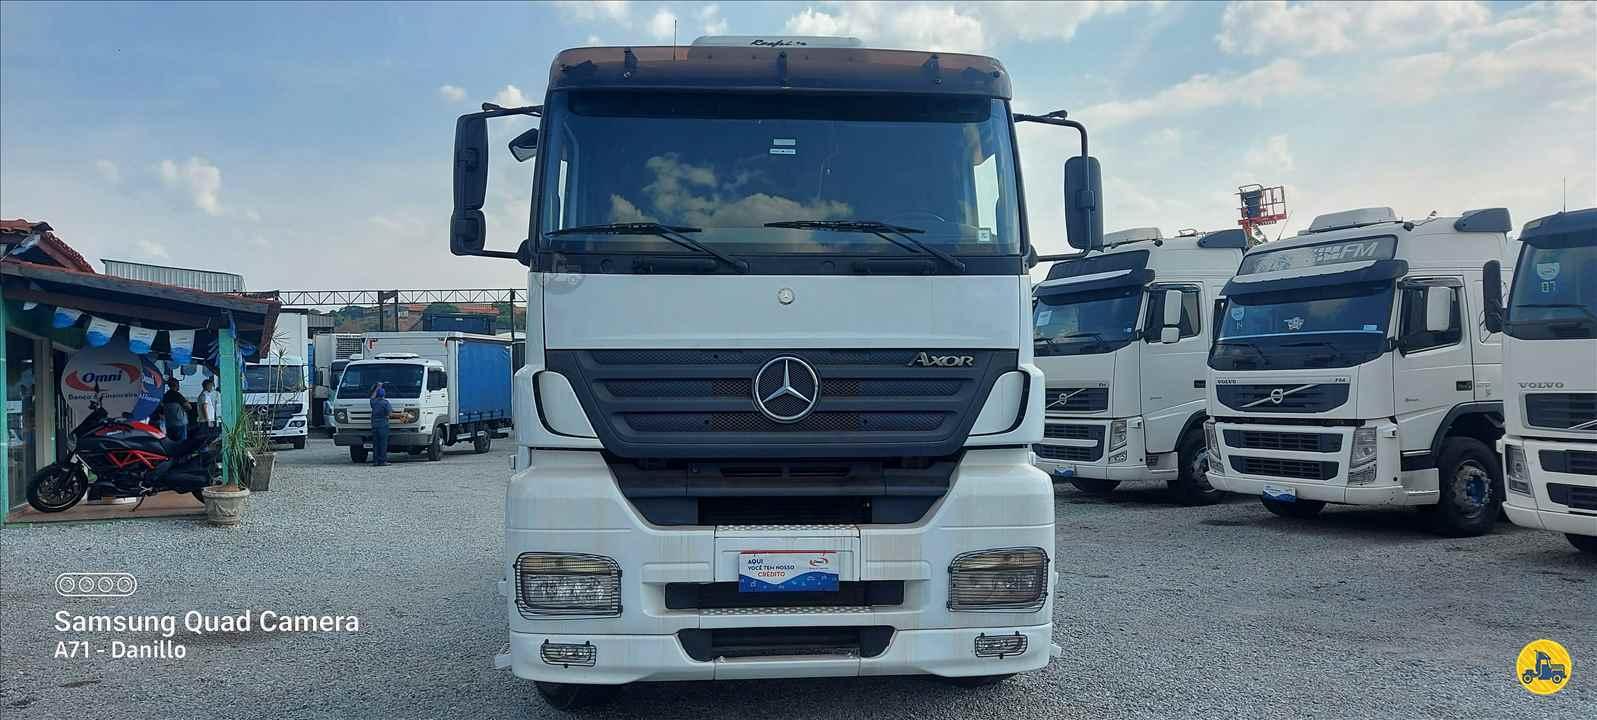 CAMINHAO MERCEDES-BENZ MB 2540 Cavalo Mecânico Truck 6x2 13 de Maio Caminhões BETIM MINAS GERAIS MG